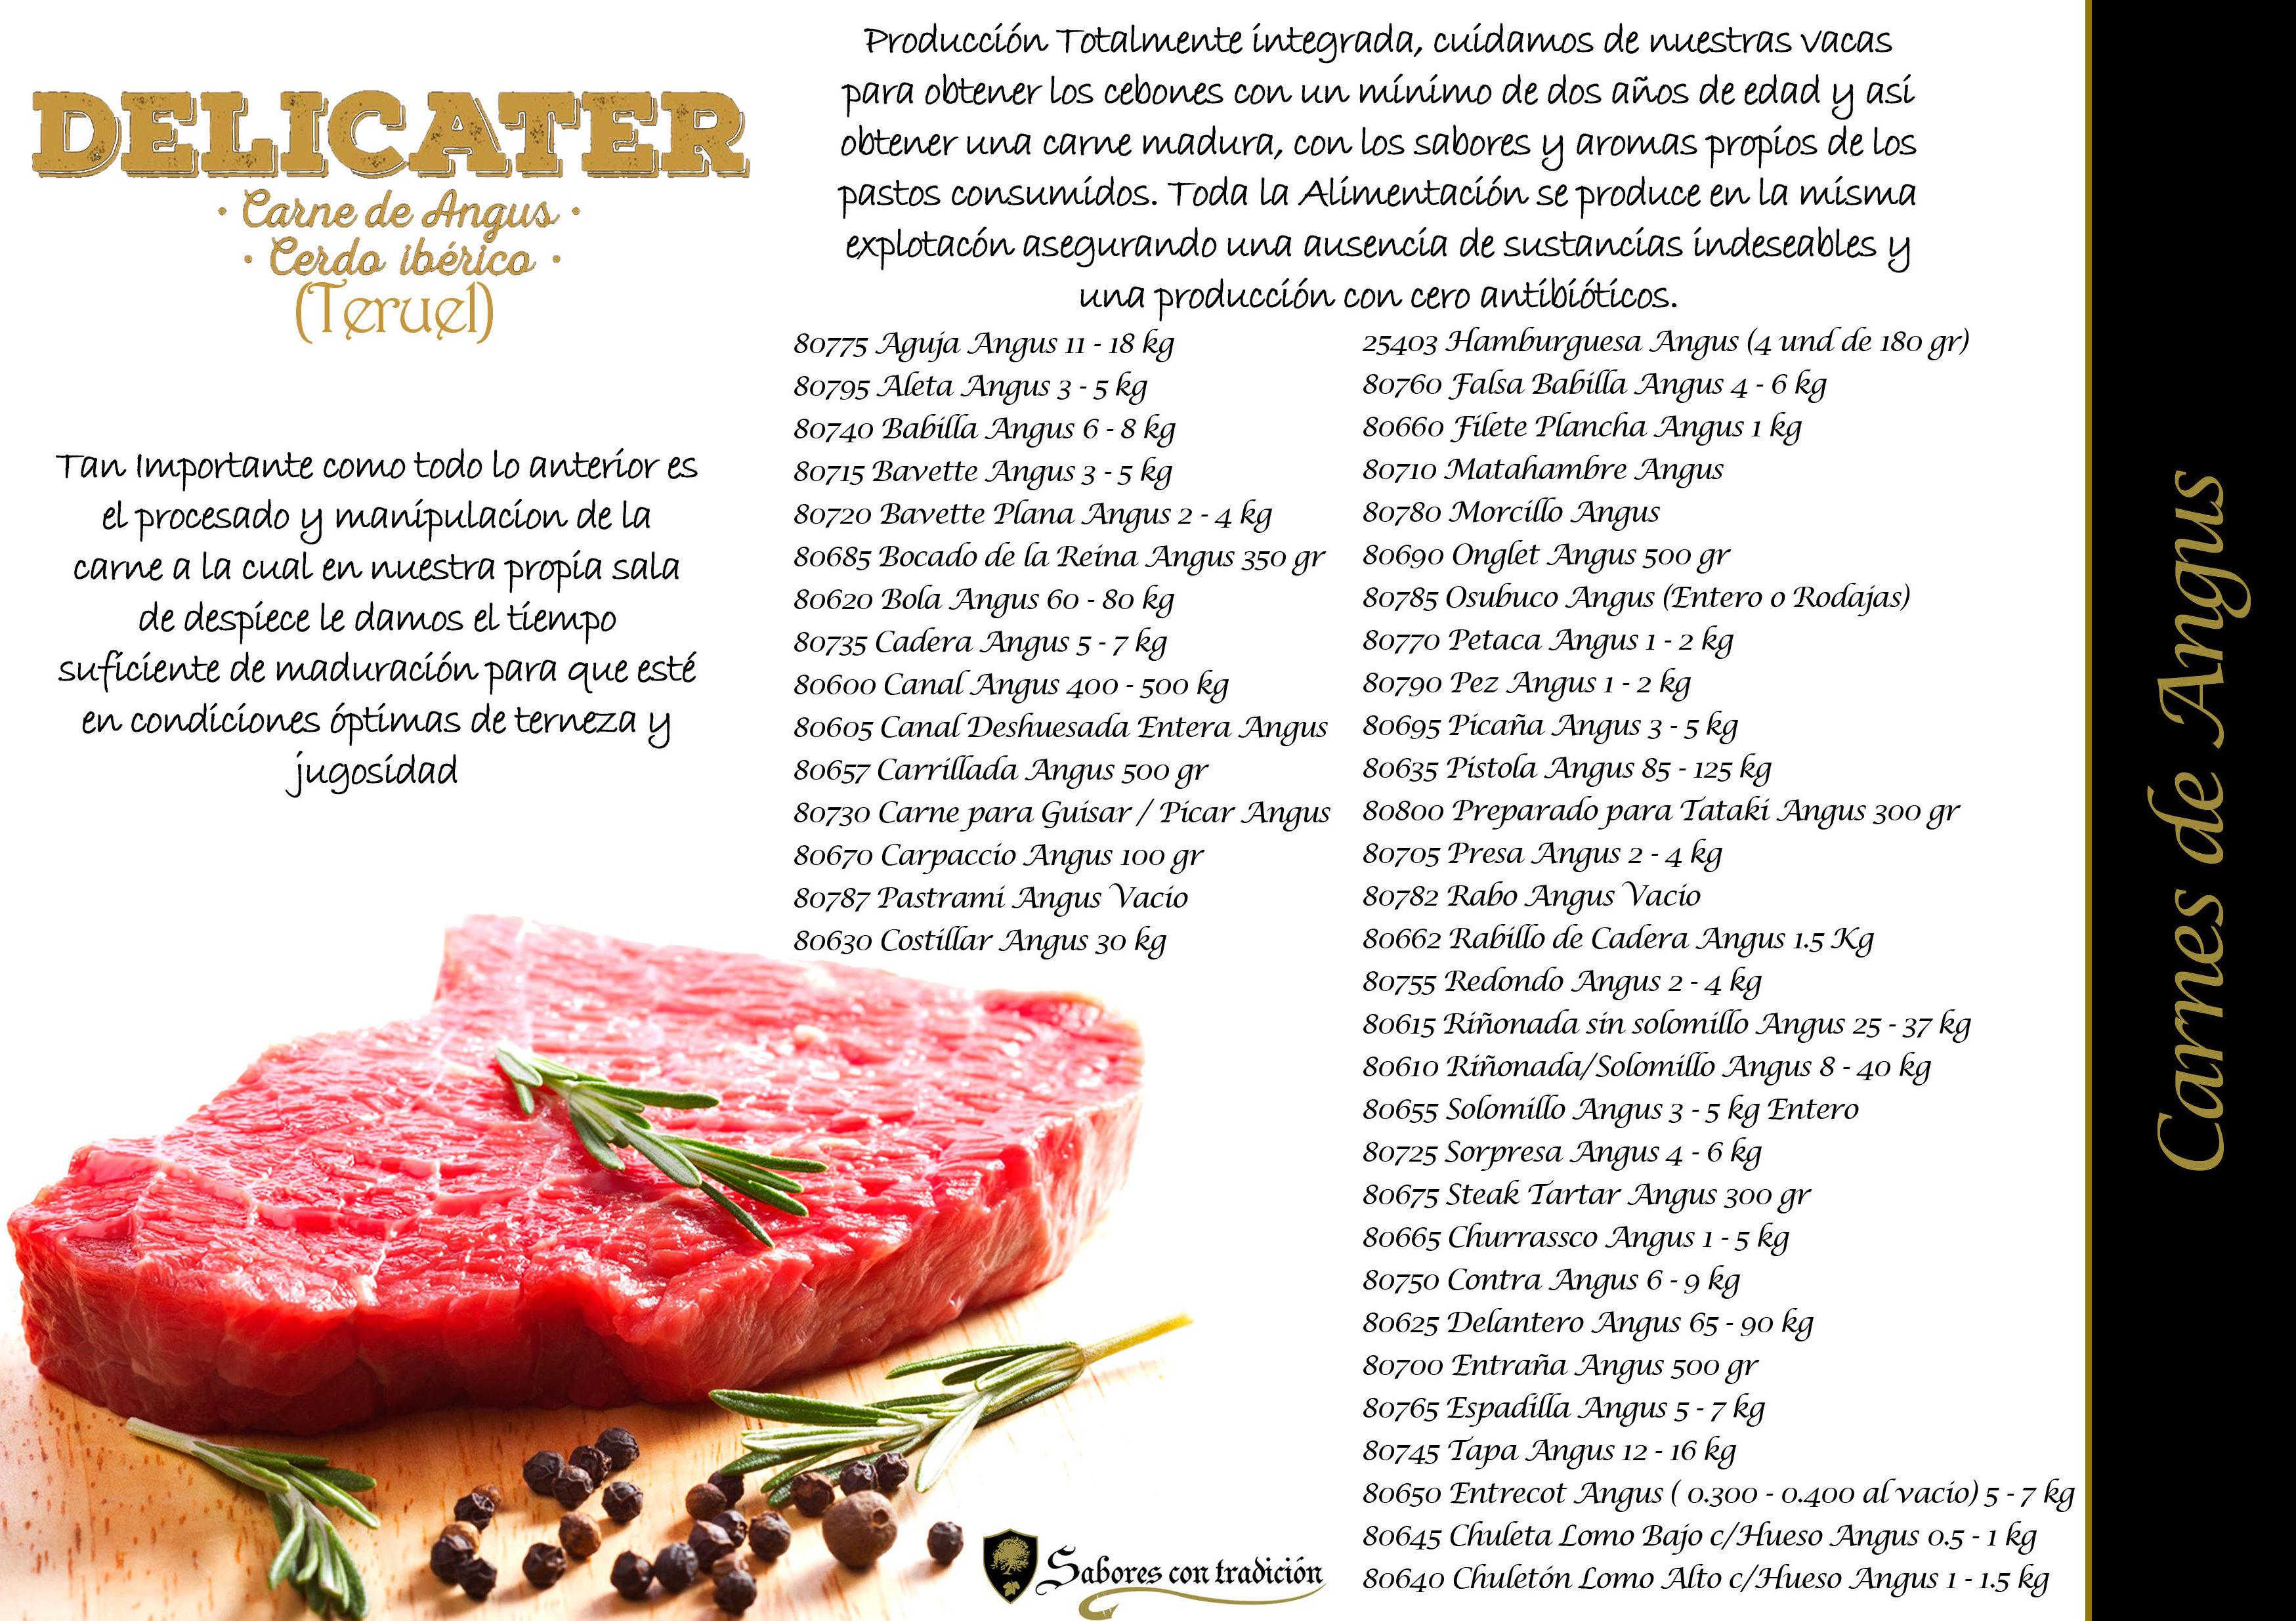 Carne de Angus: Productos de Sabores con tradición